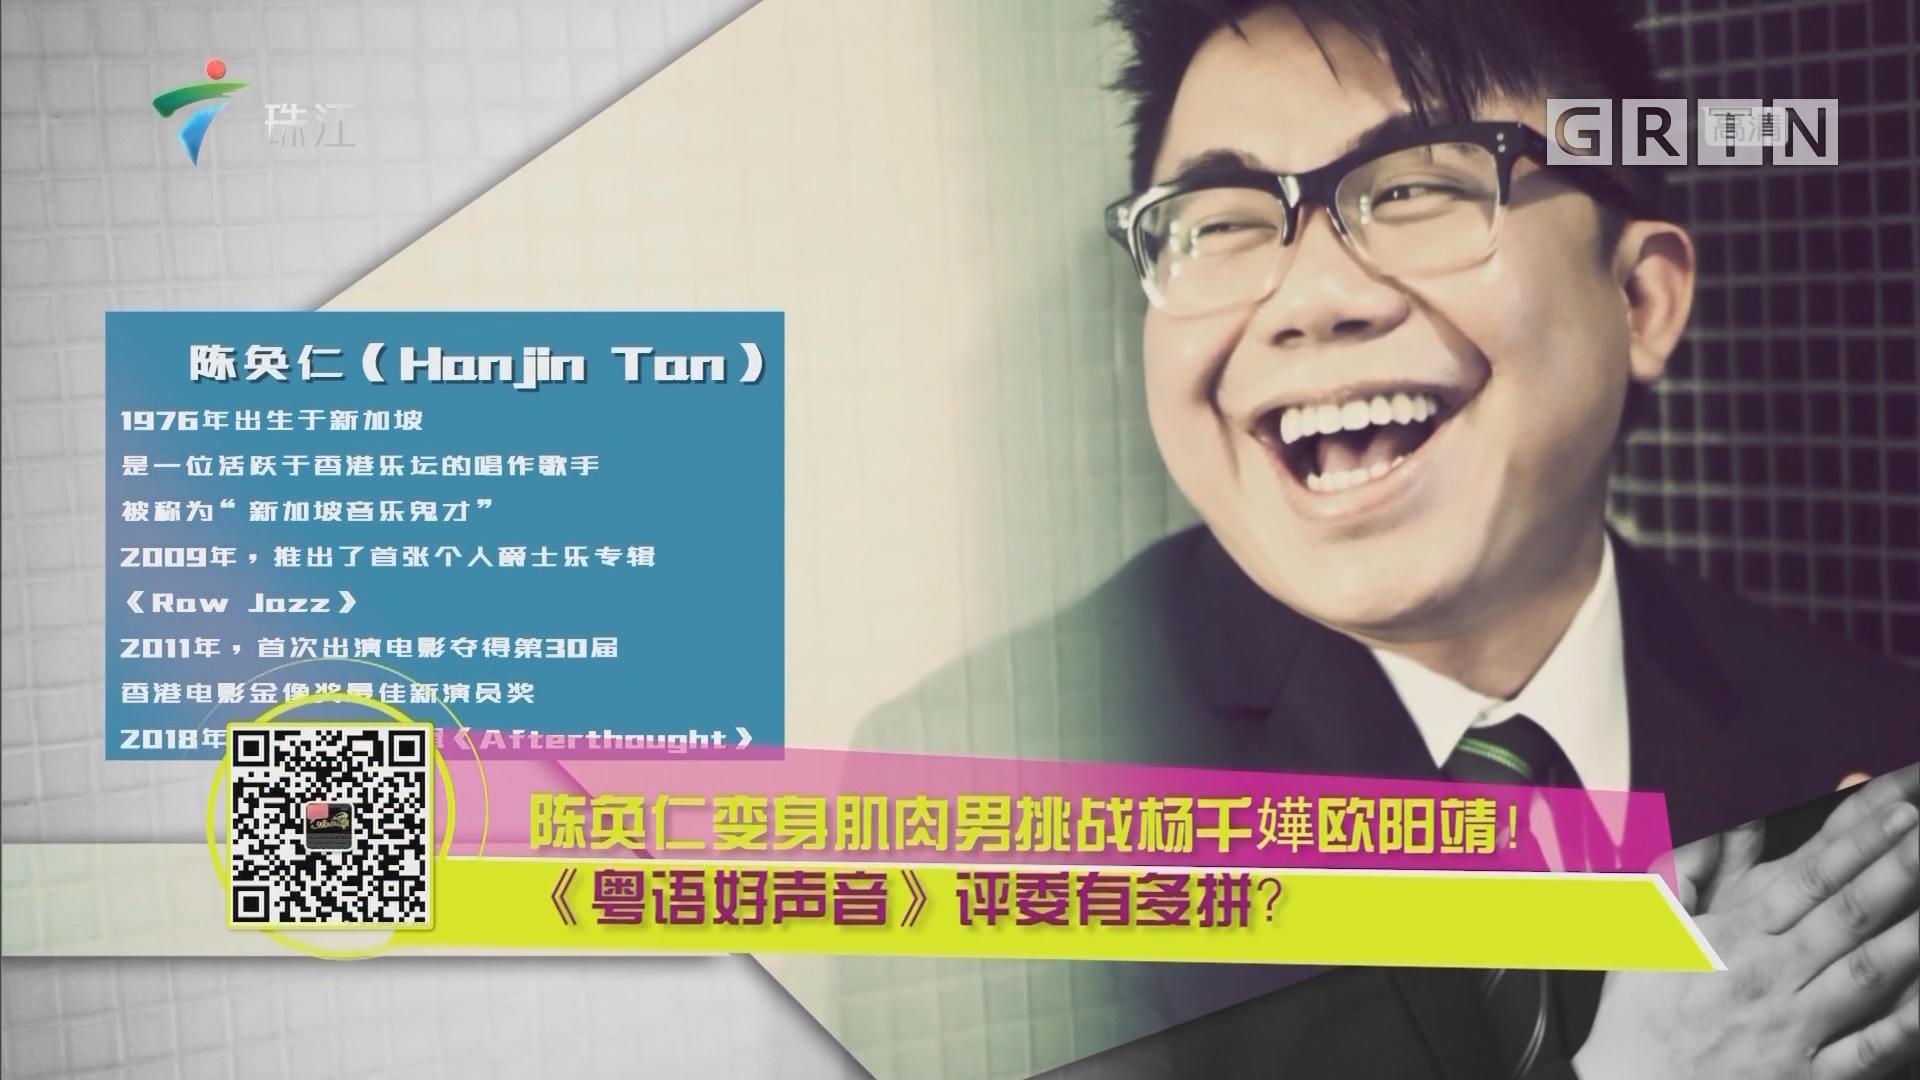 陈奂仁变身肌肉男挑战杨千嬅欧阳靖! 《粤语好声音》评委有多拼?